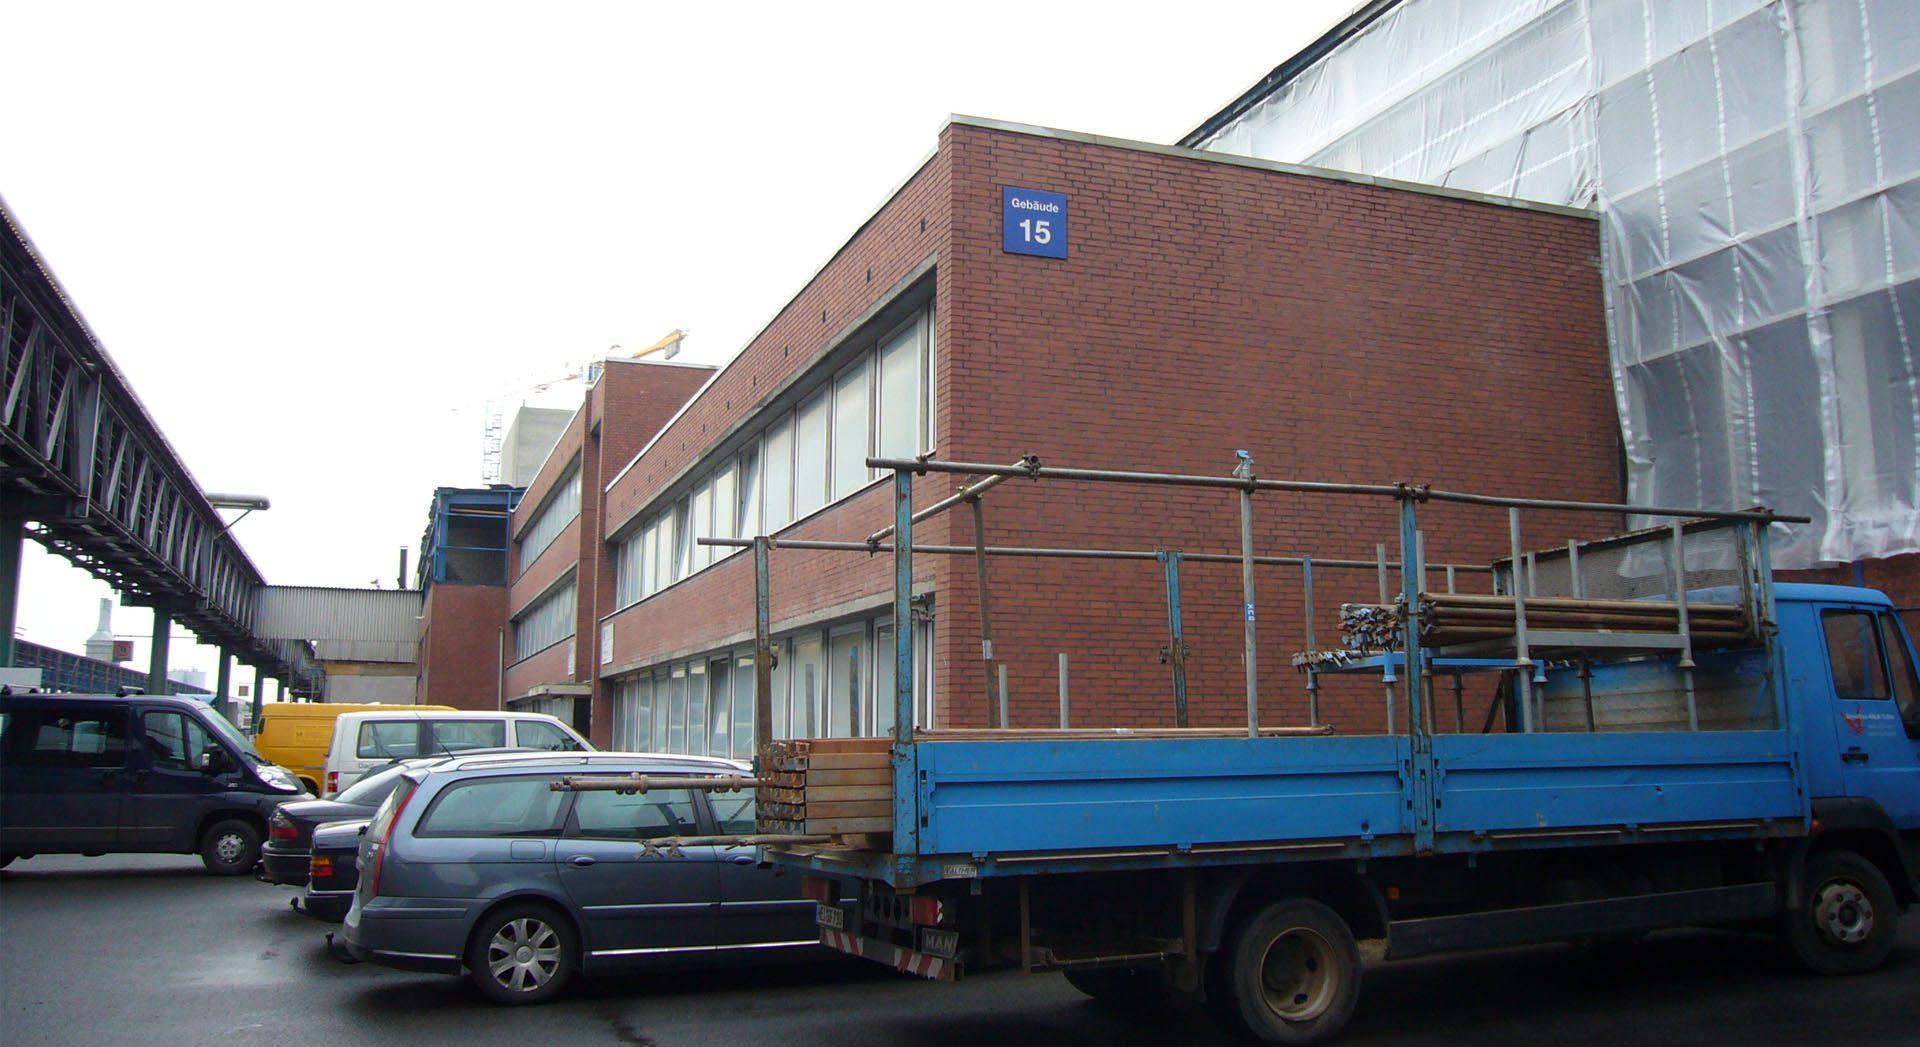 Architektur; Industriearchitektur; Gewerbearchitektur; Resopal Fassade; Fassadensanierung; Global Castings Stade; Verwaltungsgebäude;